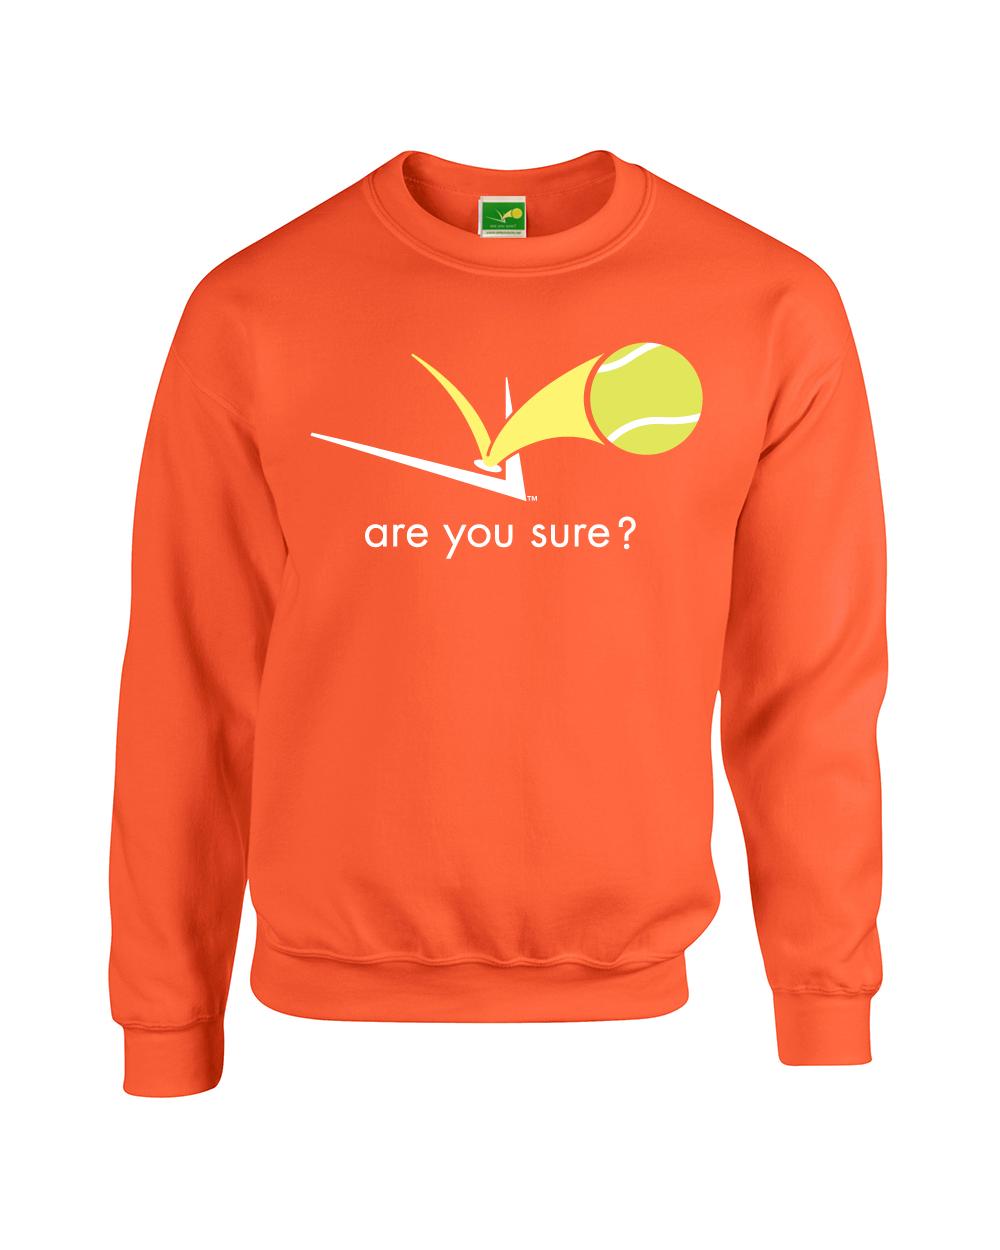 Are You Sure? | Tennis Apparel » Men's Sweatshirts